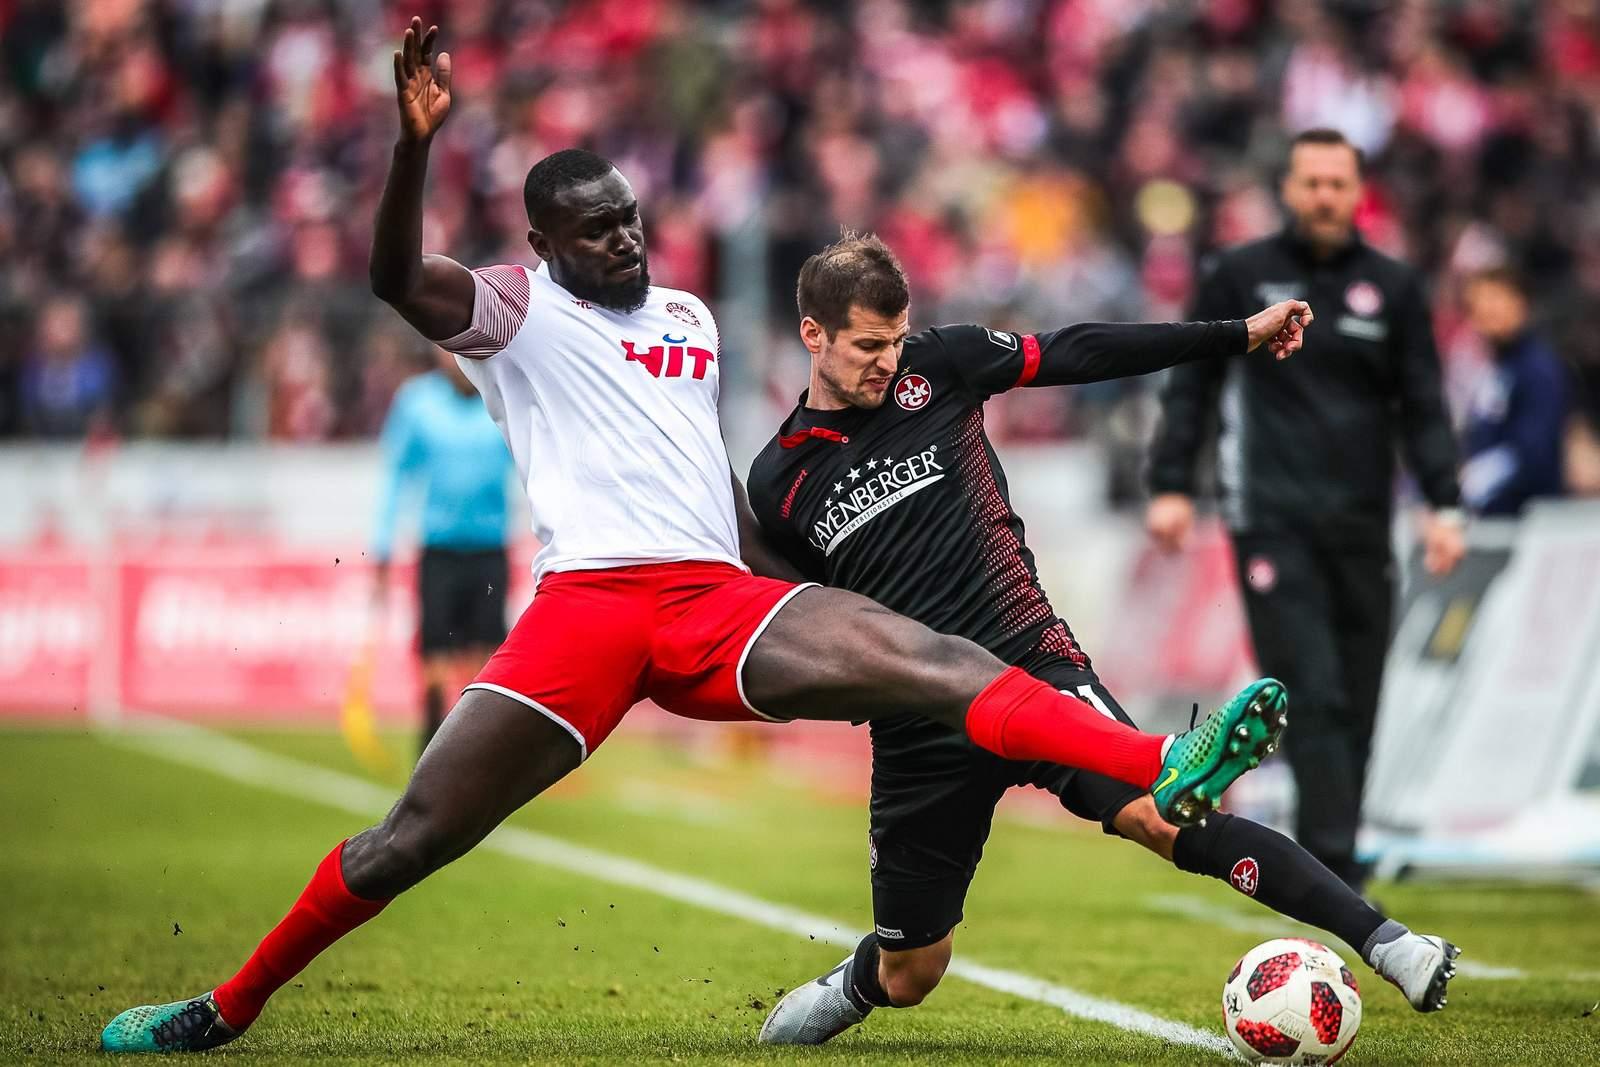 Bernard Kyere von Fortuna Köln im Zweikampf mit Hendrick Zuck vom FCK